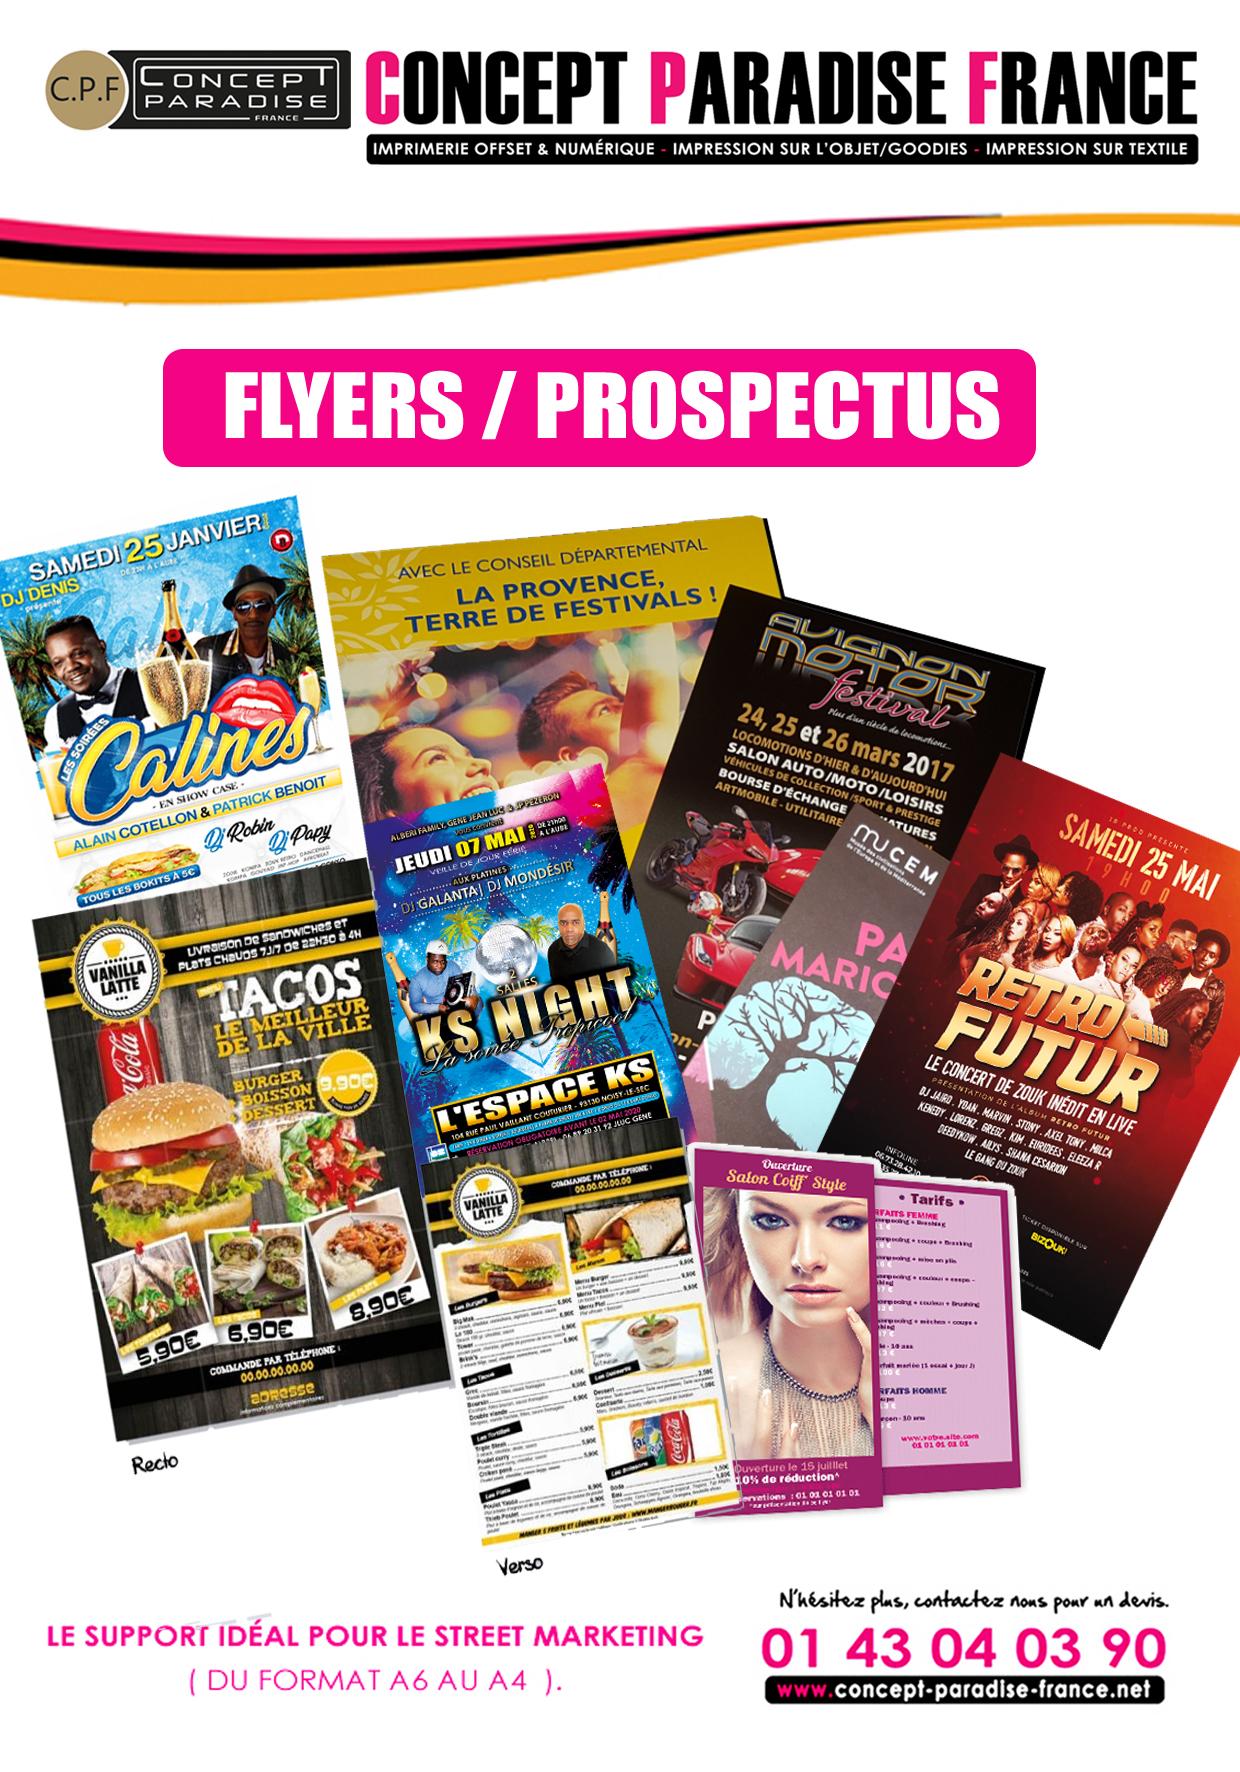 Flyers / Prospectus